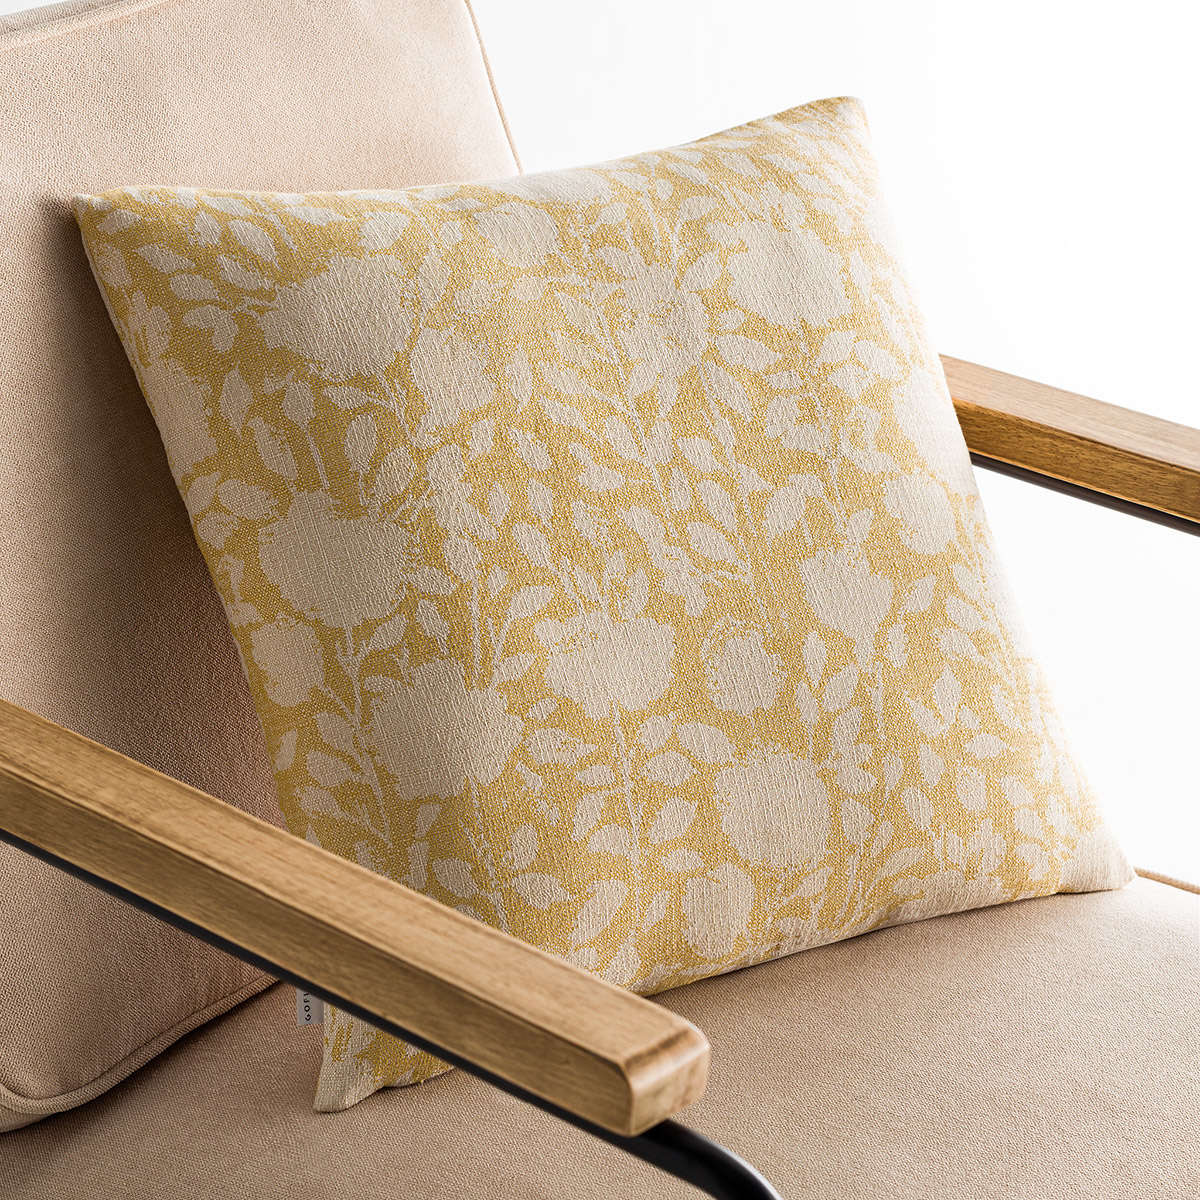 Μαξιλαροθήκη Διακοσμητική Rosefield Mustard 201/04 Gofis Home 50X50 Βαμβάκι-Polyester